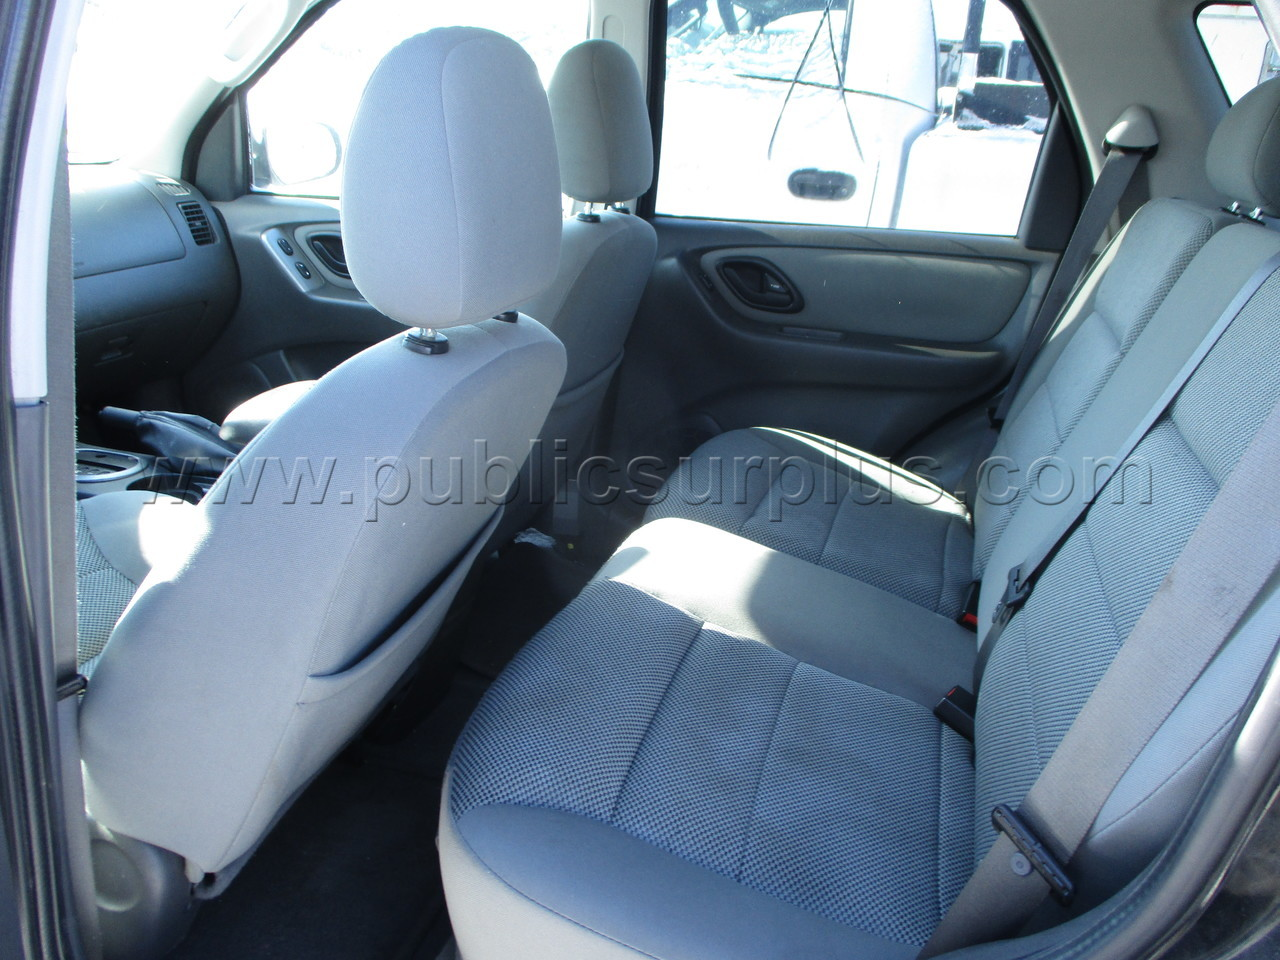 #2274220 - 2005 FORD ESCAPE (4WD)